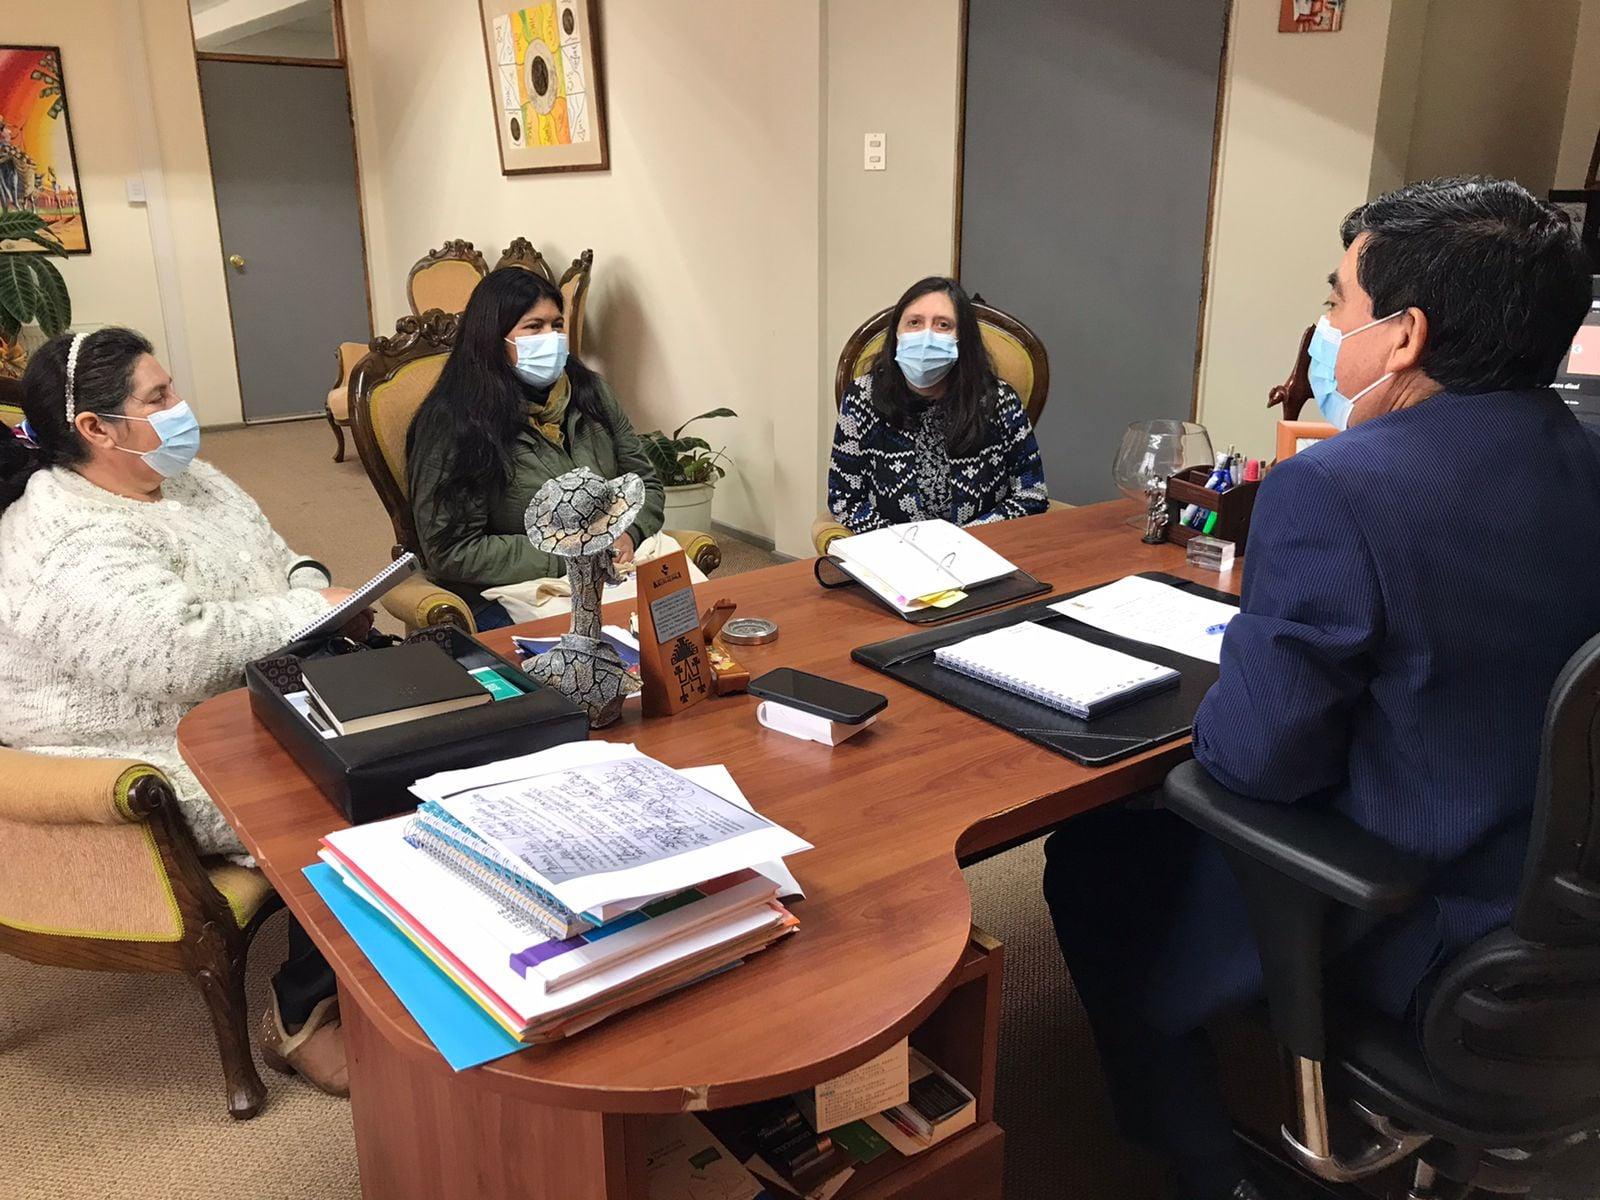 VECINOS DE PELECO, LA RINCONADA Y LA VAINA SE REUNEN CON ALCALDE PARA BUSCAR MEJORAS EN APR